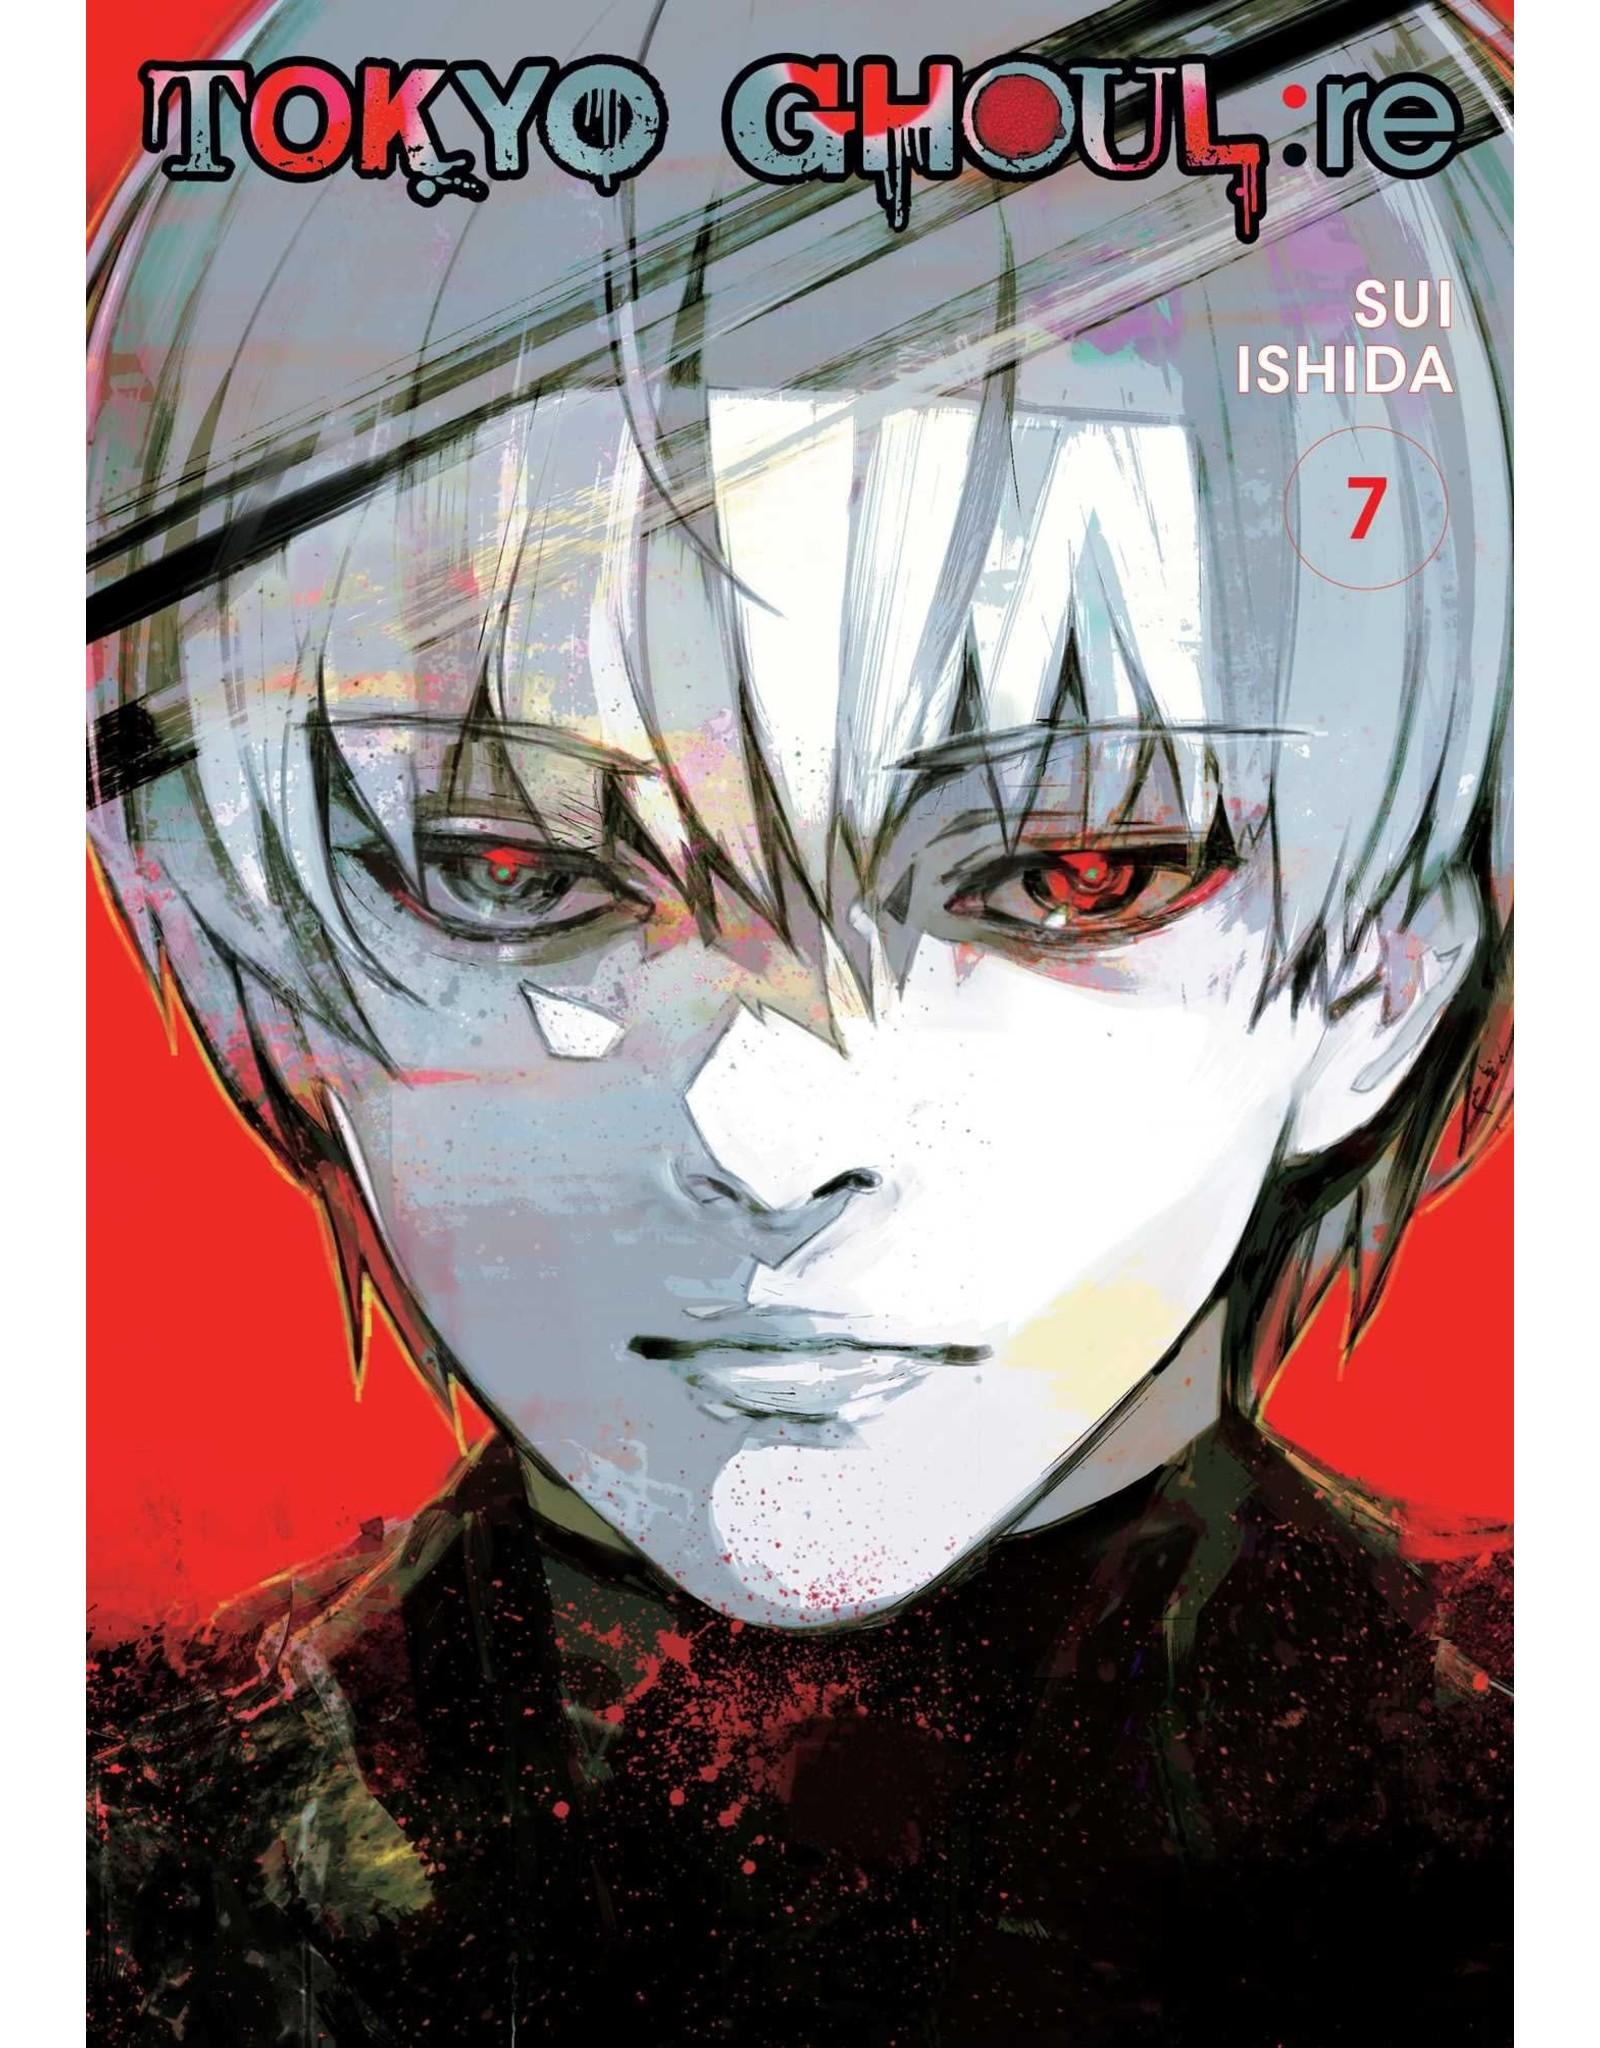 Tokyo Ghoul:re 07 (Engelstalig)